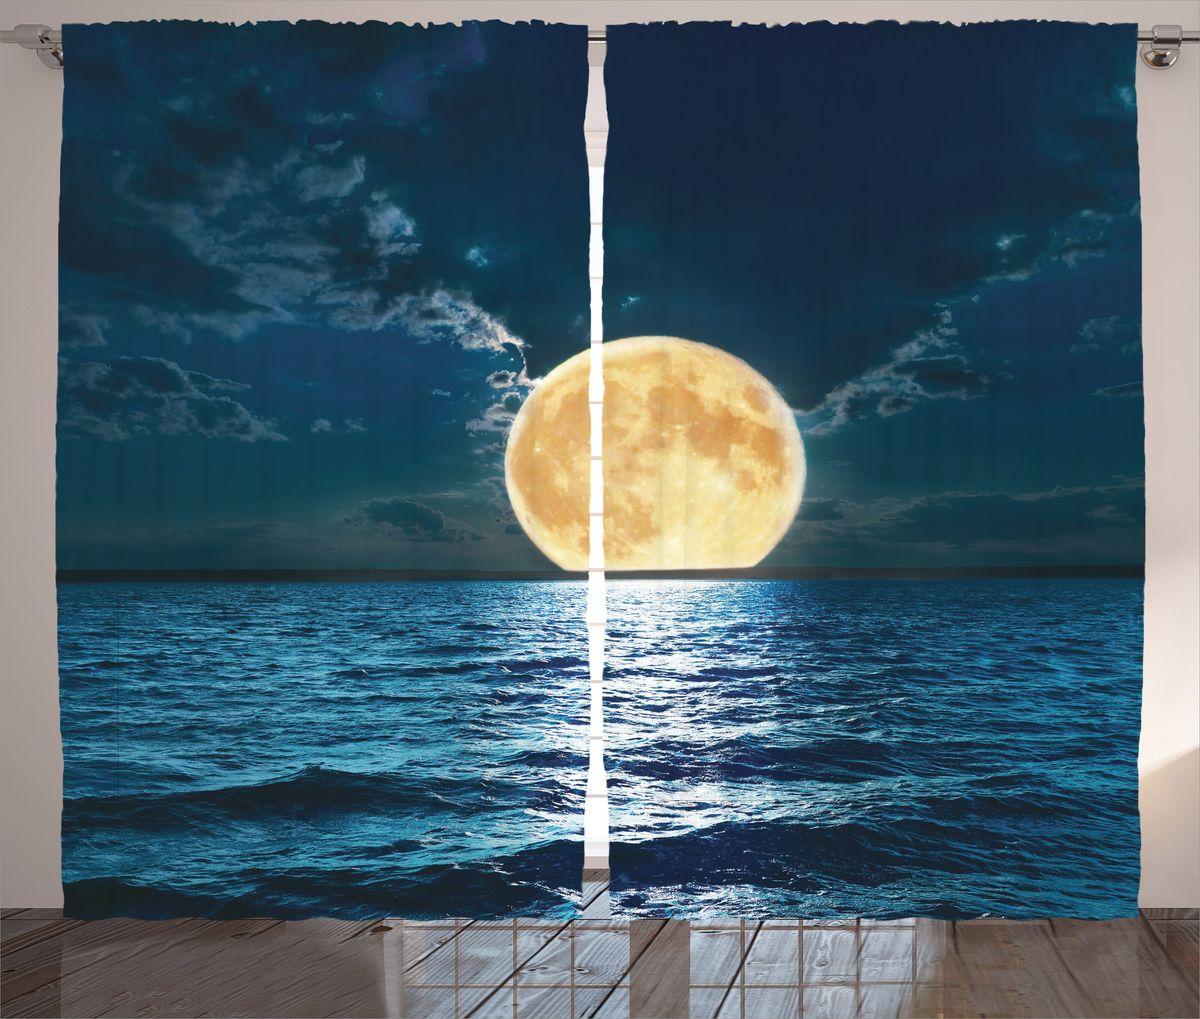 Комплект фотоштор Magic Lady Луна над бирюзовым морем, на ленте, высота 265 см. шсг_15018шсг_15018Роскошный комплект фотоштор Magic Lady Луна над бирюзовым морем, выполненный из высококачественного сатена (полиэстер 100%), великолепно украсит любое окно. При изготовлении используются специальные гипоаллергенные чернила. Комплект состоит из двух фотоштор и декорирован изящным рисунком. Оригинальный дизайн и цветовая гамма привлекут к себе внимание и органично впишутся в интерьер комнаты. Крепление на карниз при помощи шторной ленты на крючки.